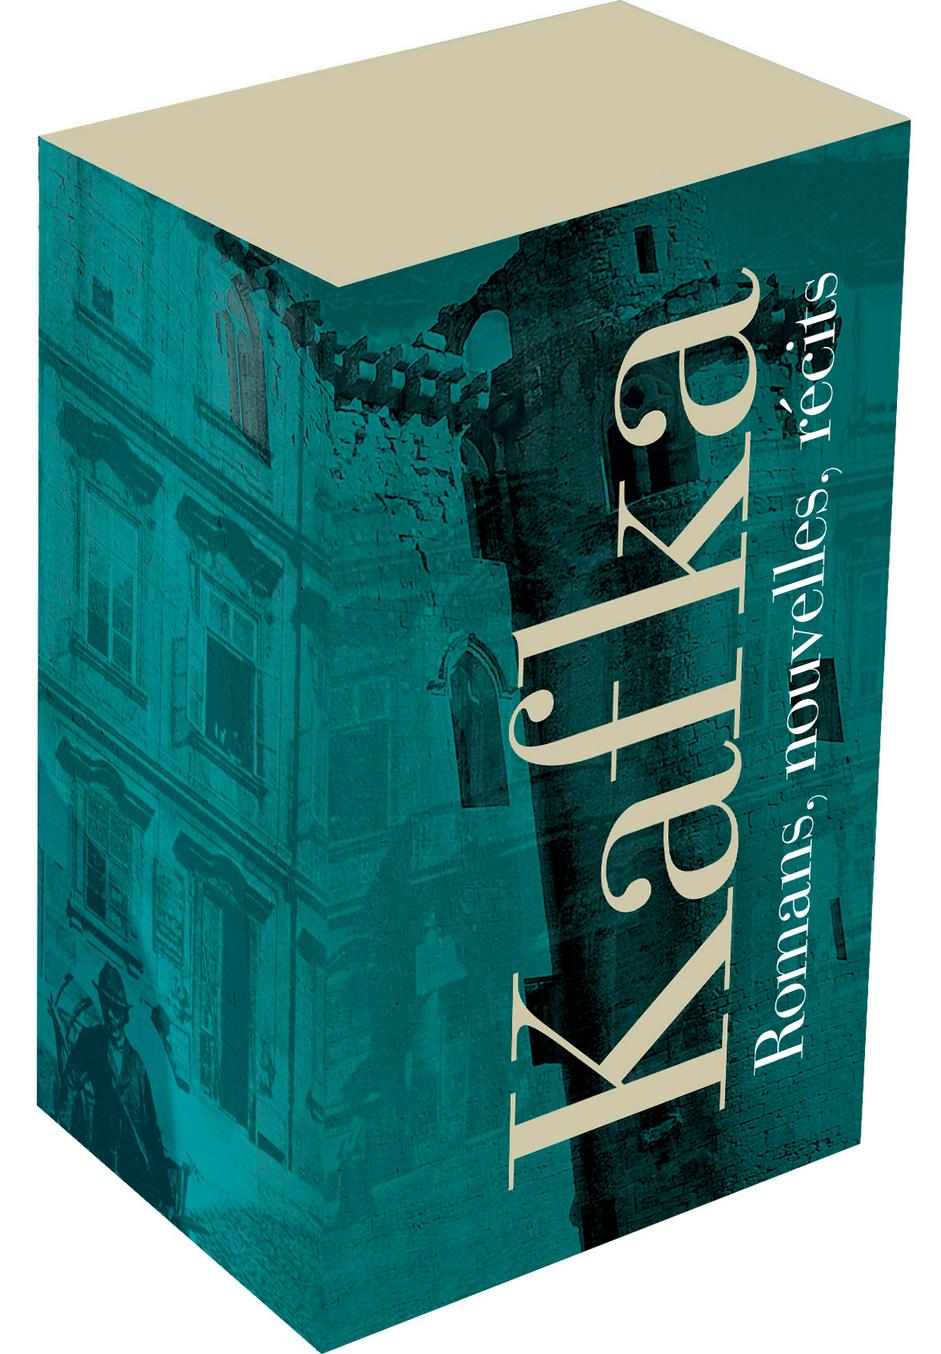 Kafka, Œuvres complètes, t. I & II (Biblioth. de la Pléiade)